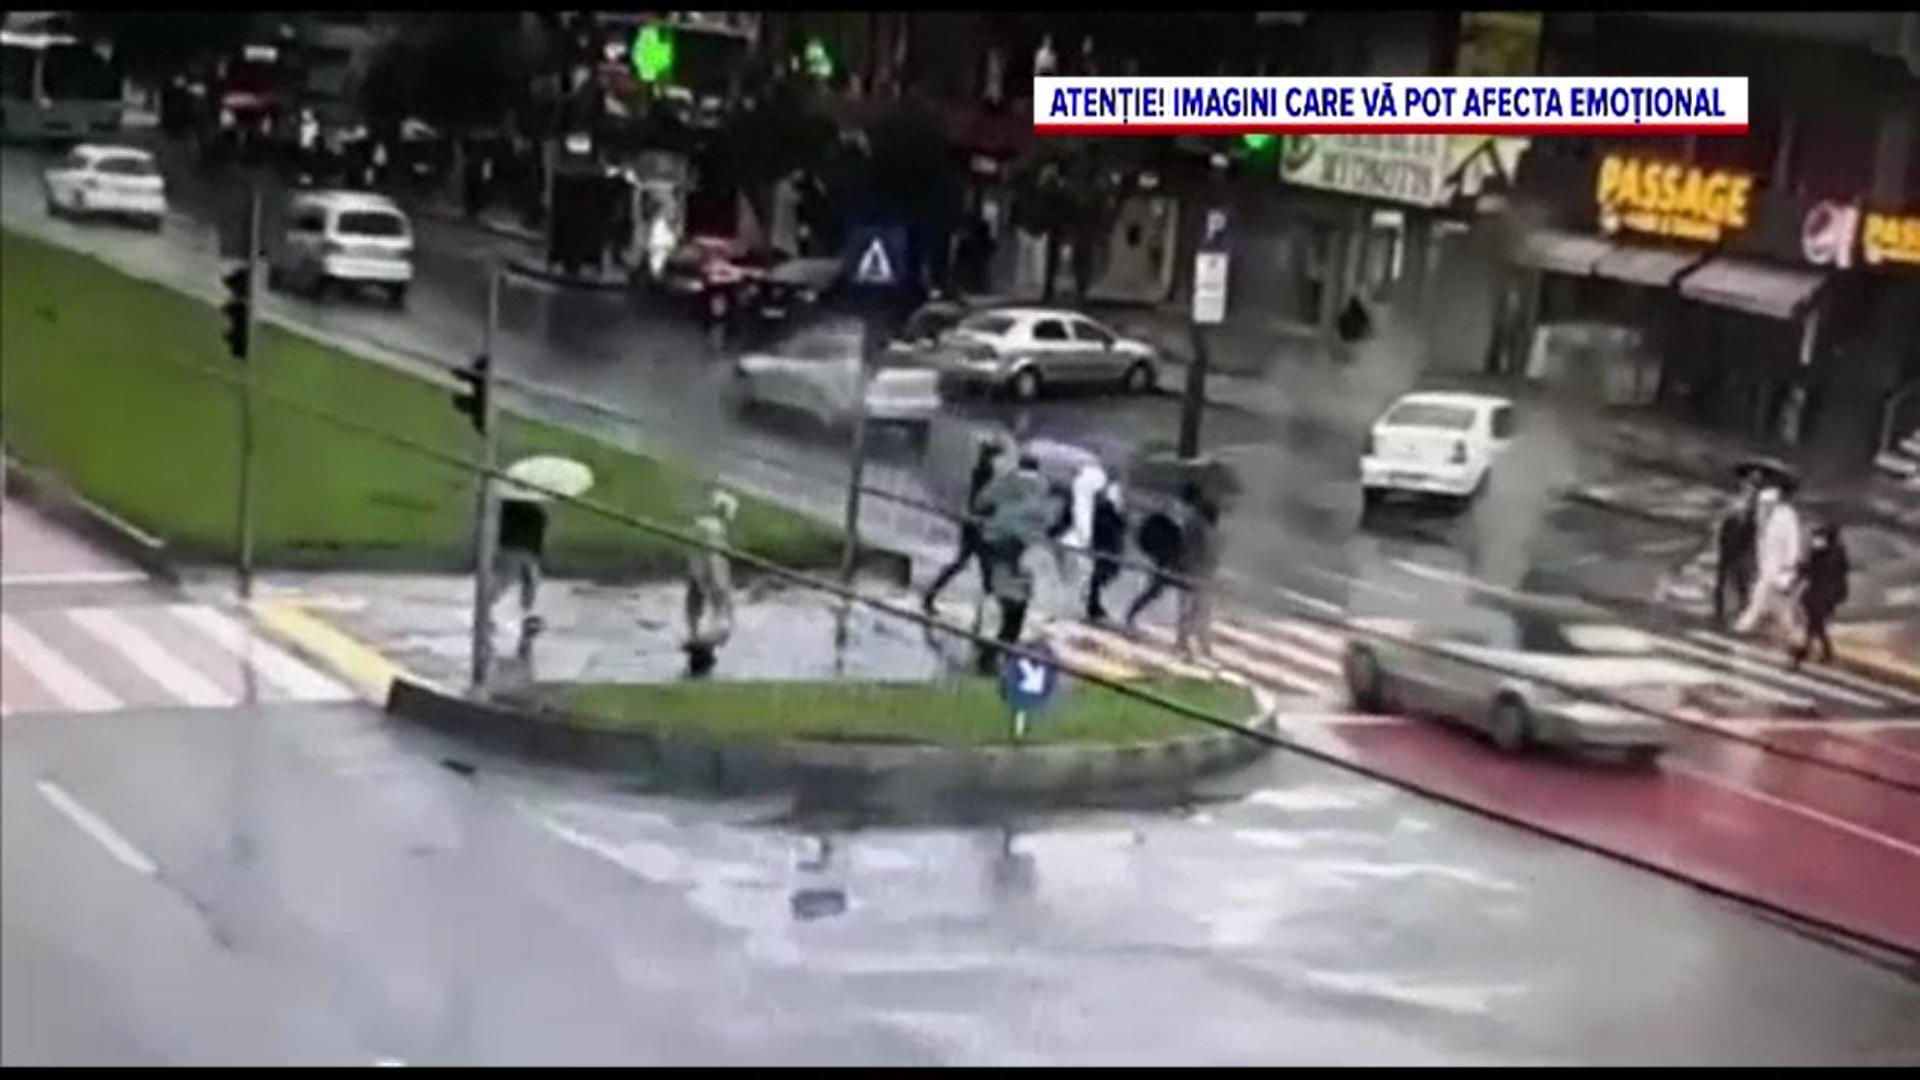 Doi tineri din Galați au fost loviți de o mașină când traversau strada pe trecerea de pietoni